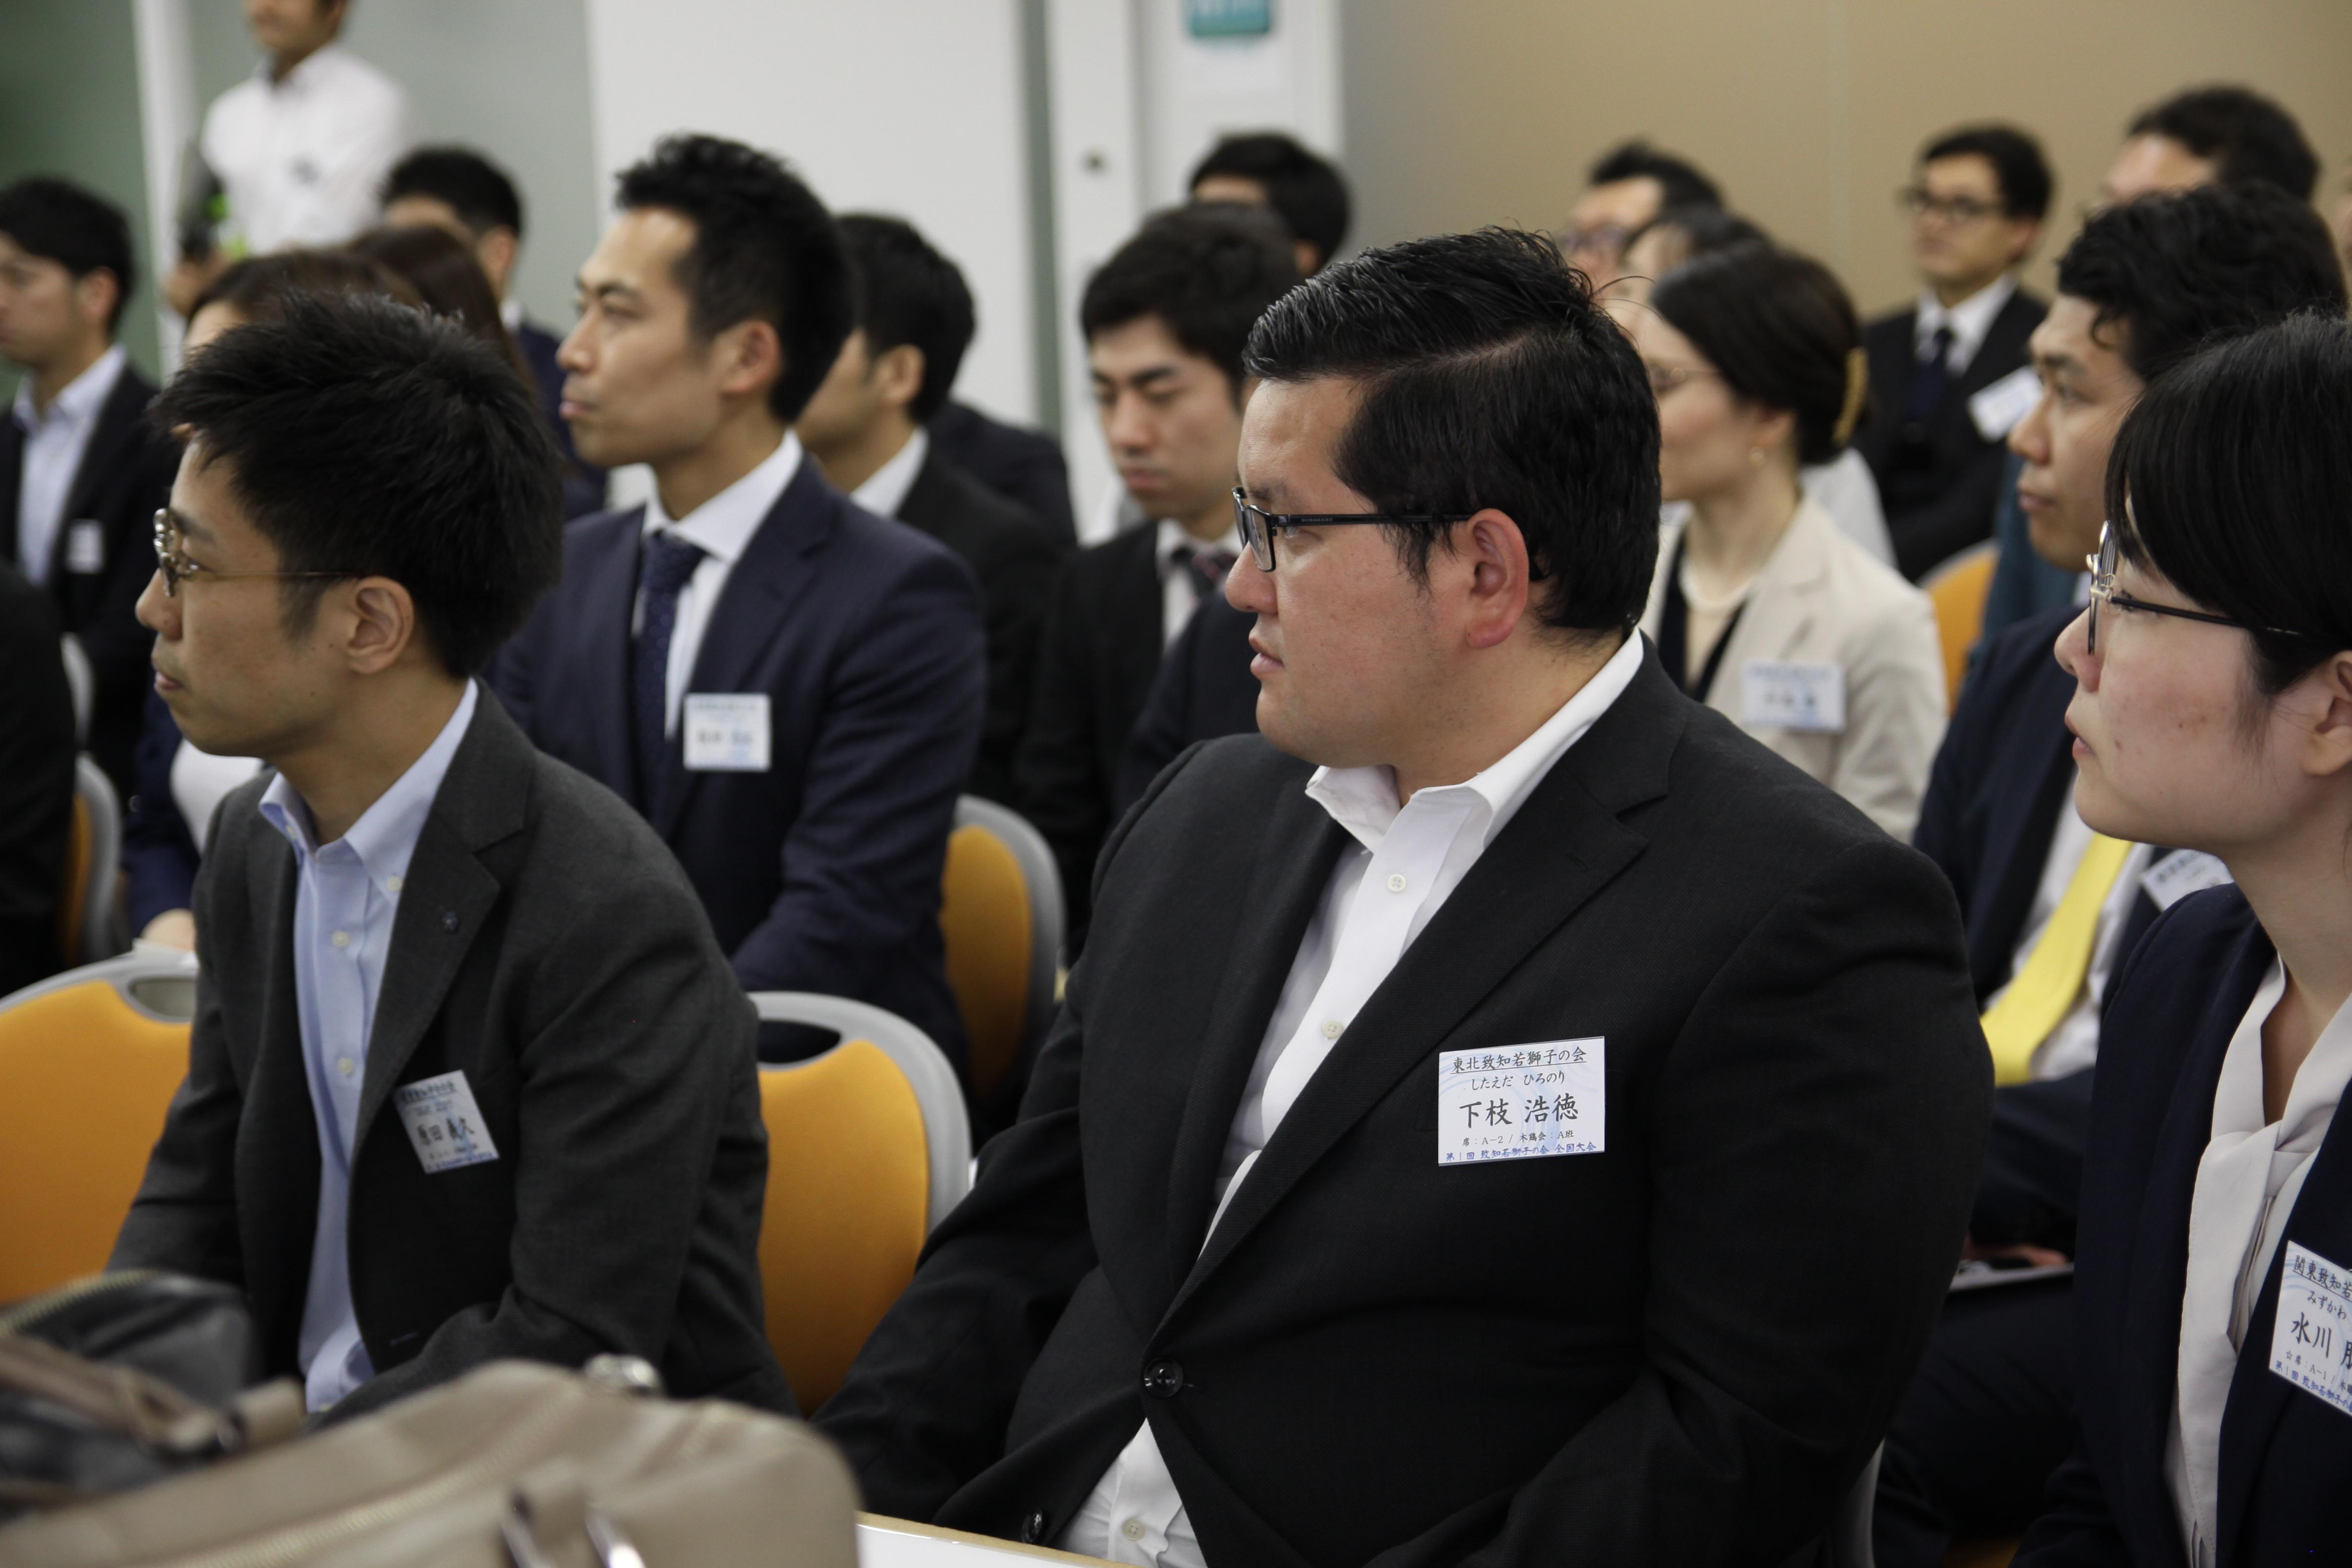 IMG 4567 - 関東若獅子の会、記念すべき第100回